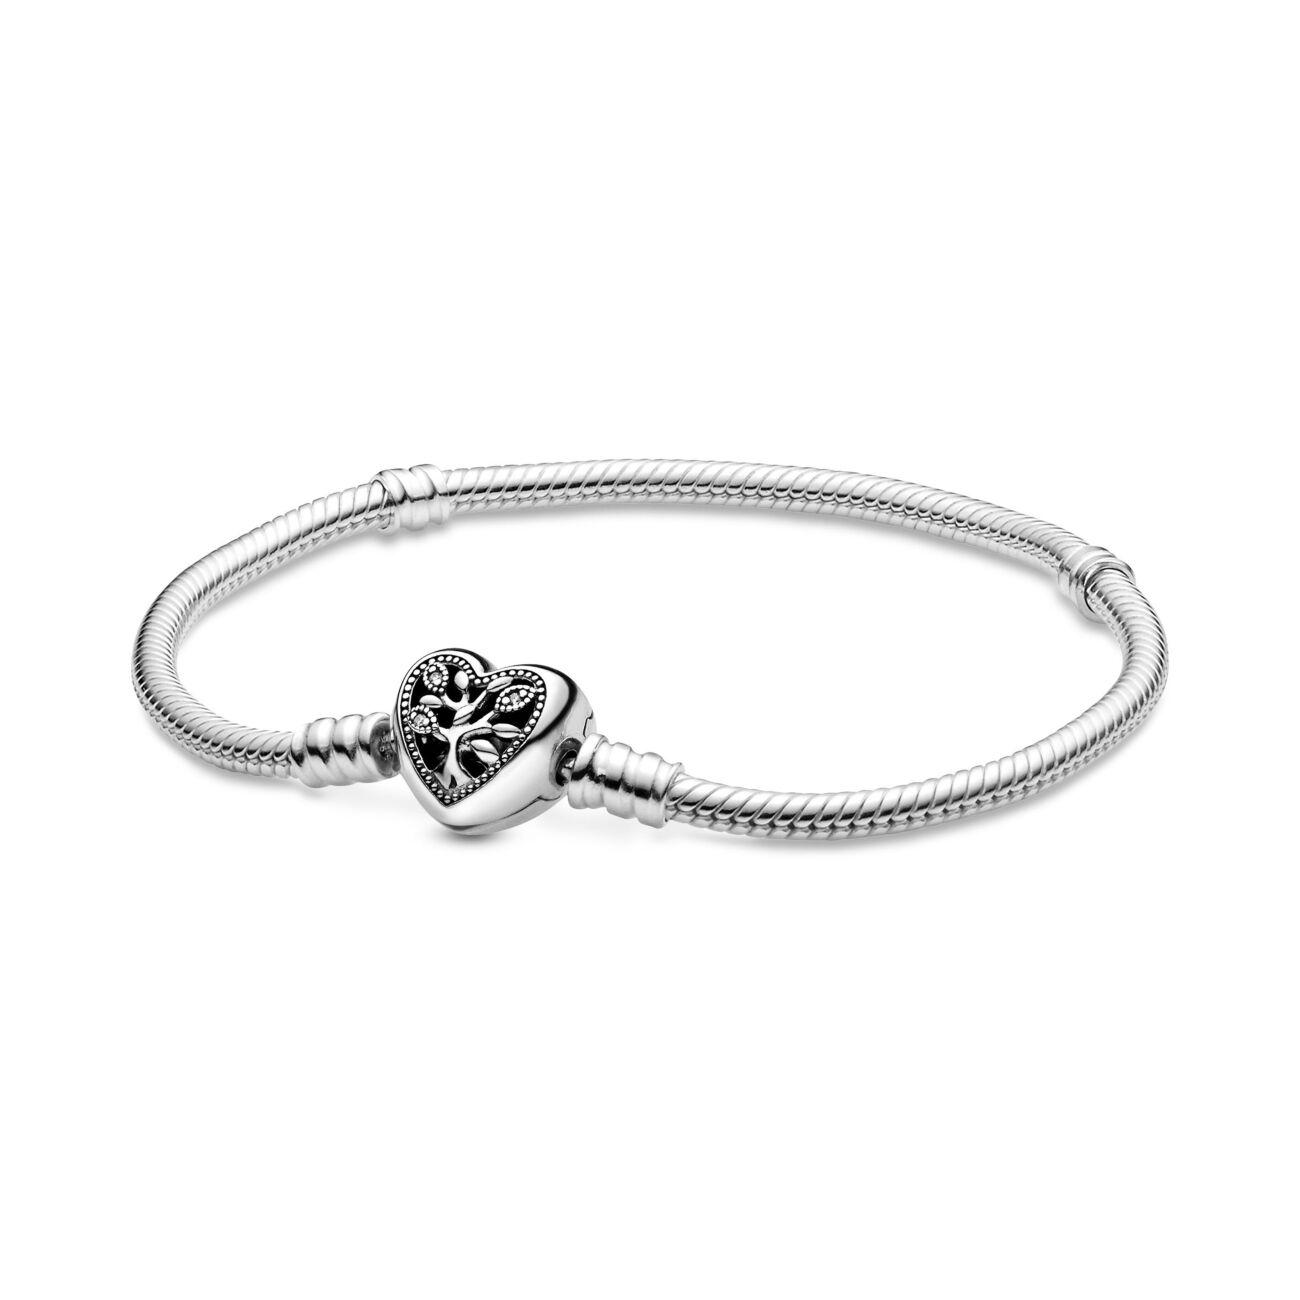 Серебняный браслет Пандора – семейное дерево #598827c01 оригинал